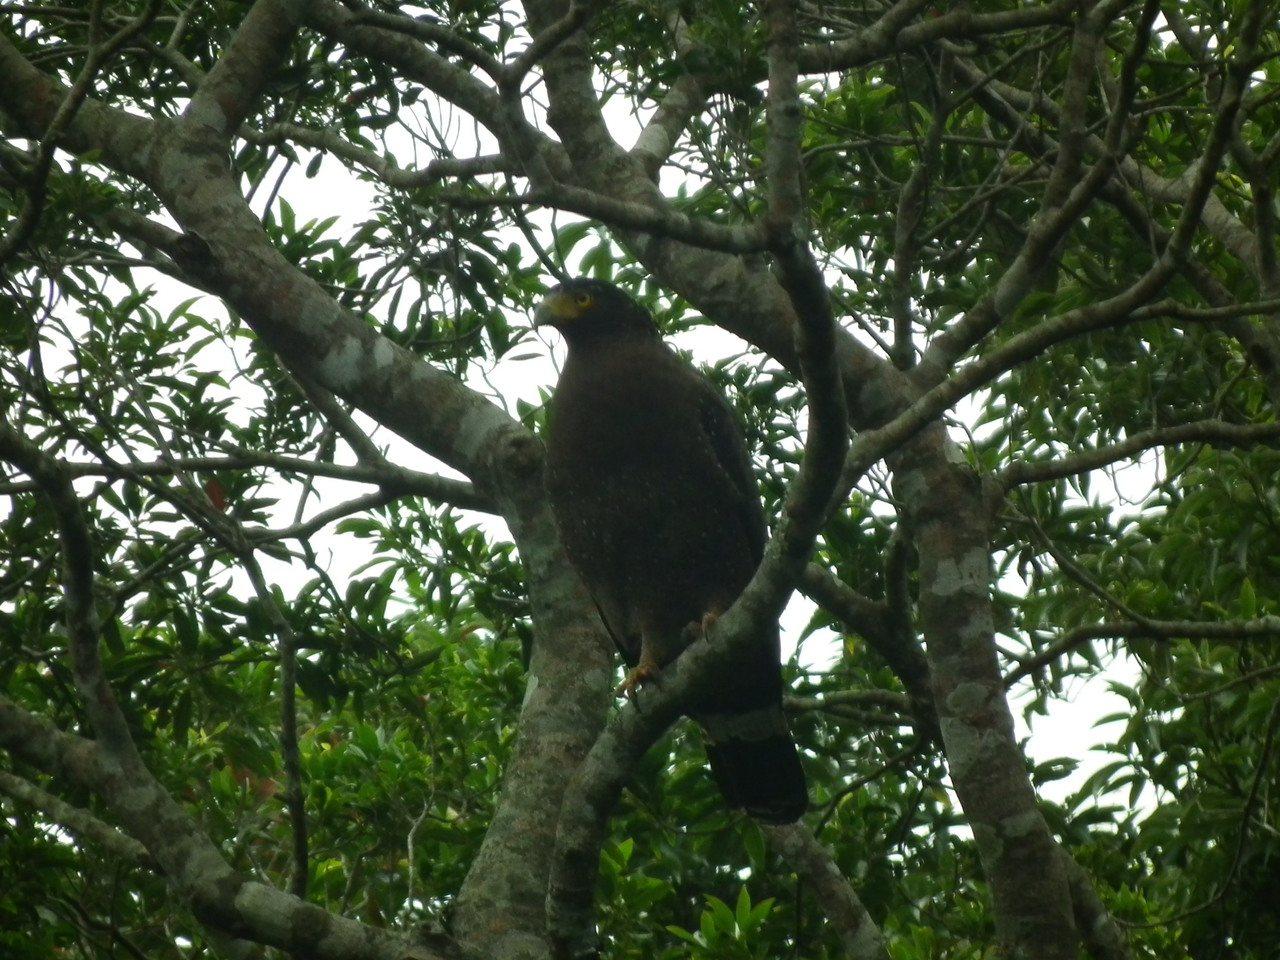 舊公路動物變多了,也會看到猛禽鳥類低空盤旋,或棲息在路旁樹梢。圖/讀者提供